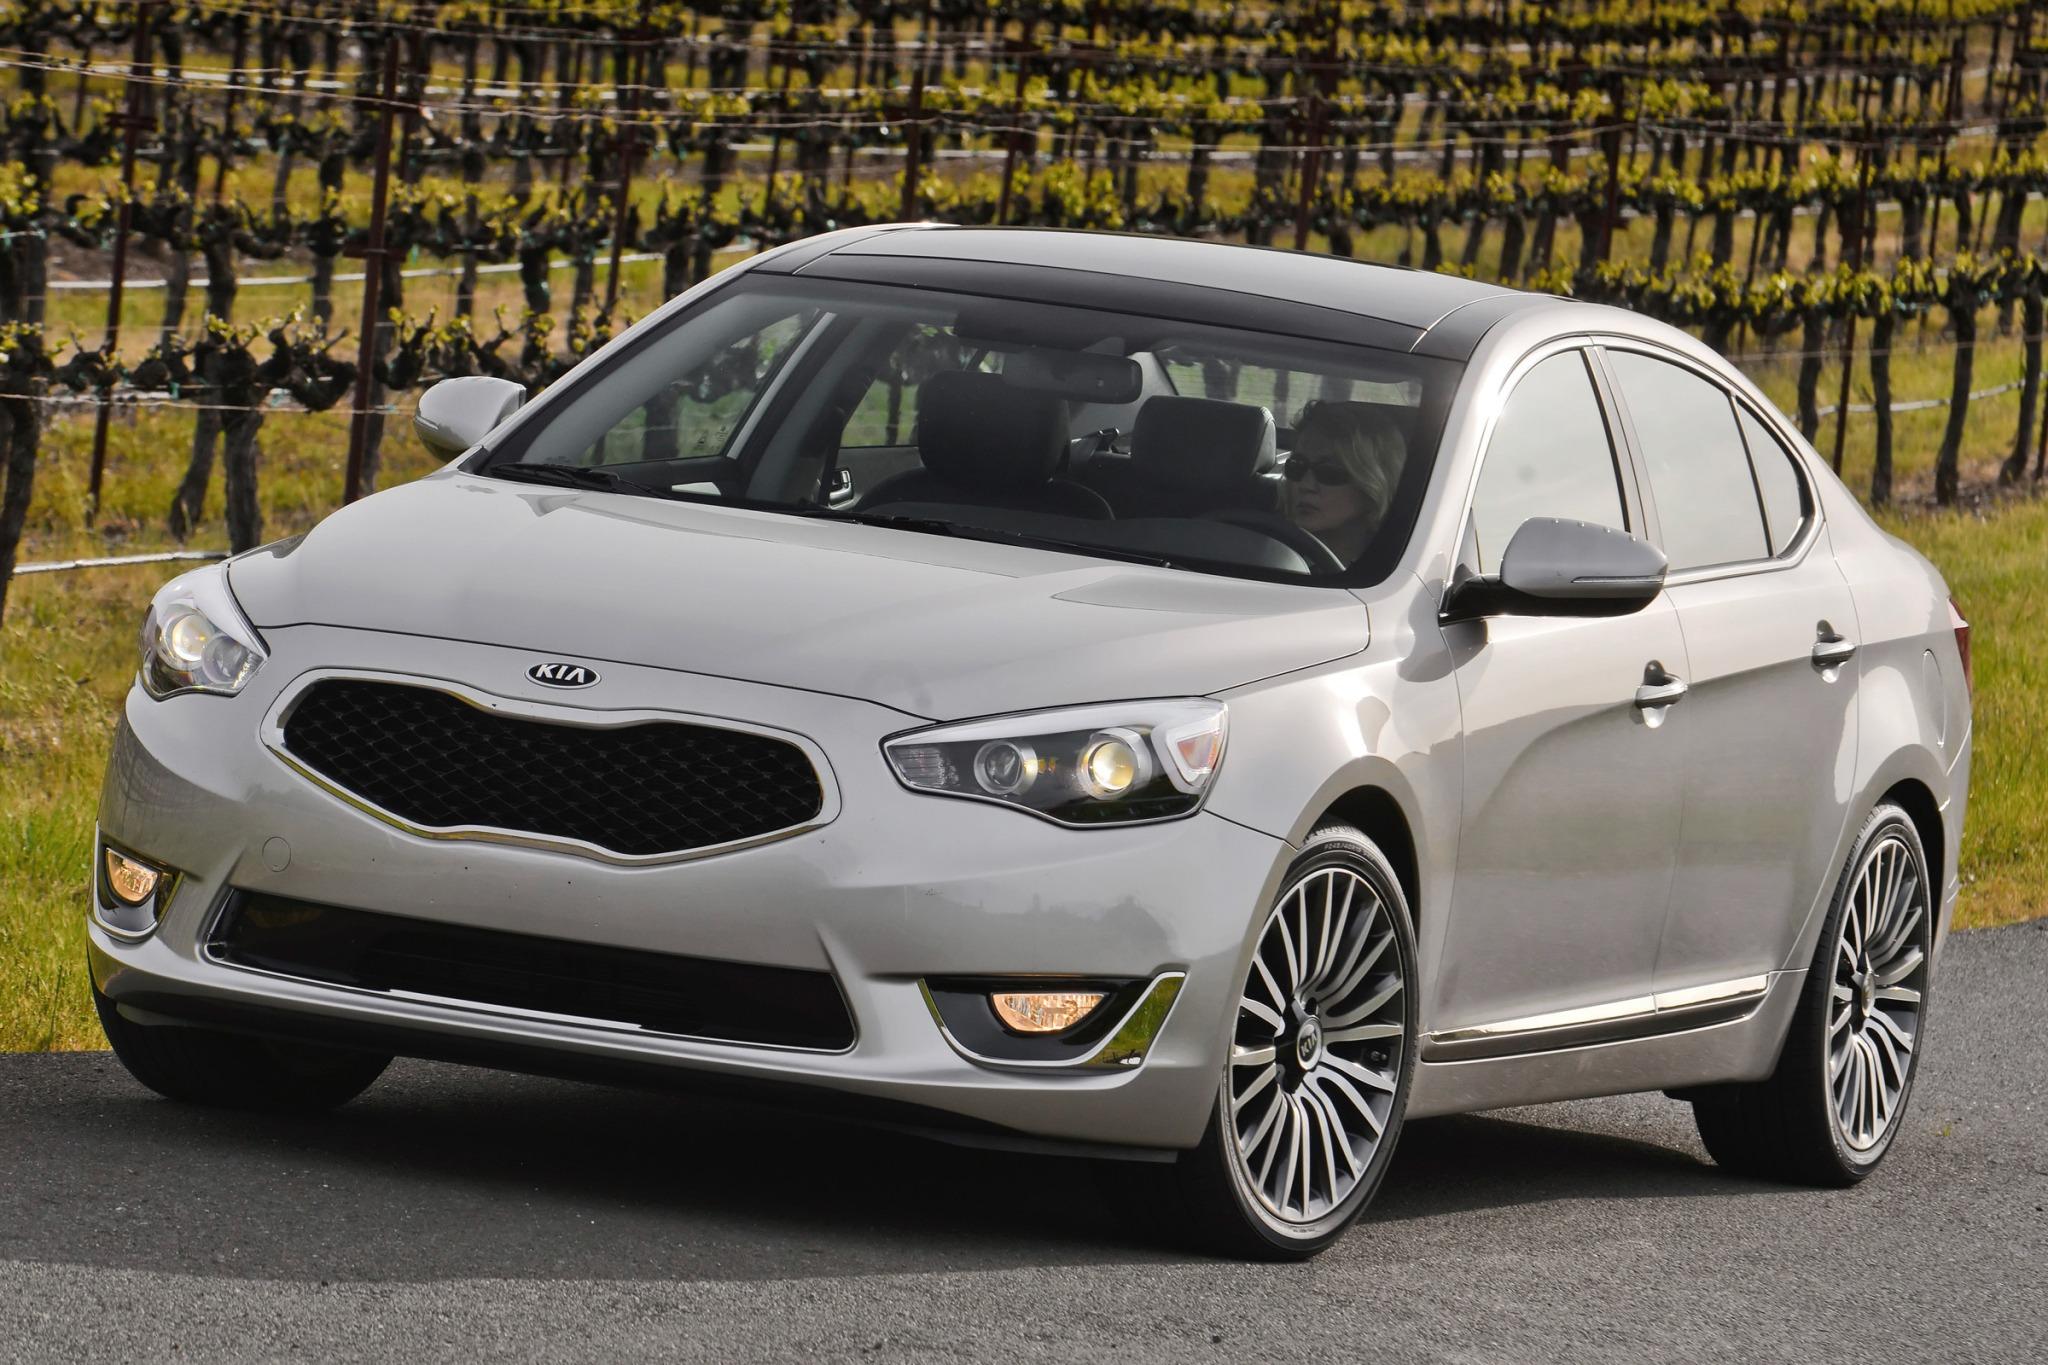 kia specs cadenza autoevolution cars